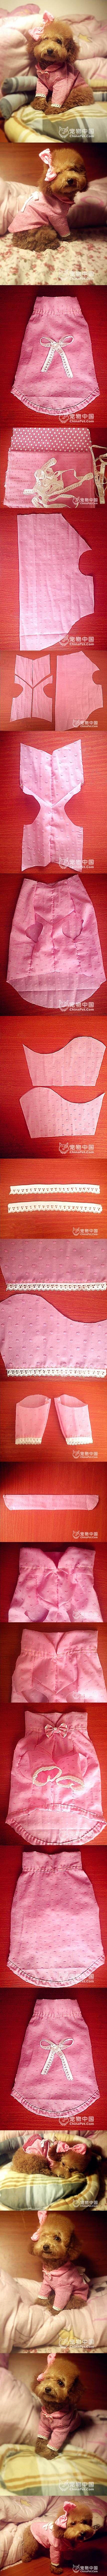 Rosa bonito DIY camisa 2